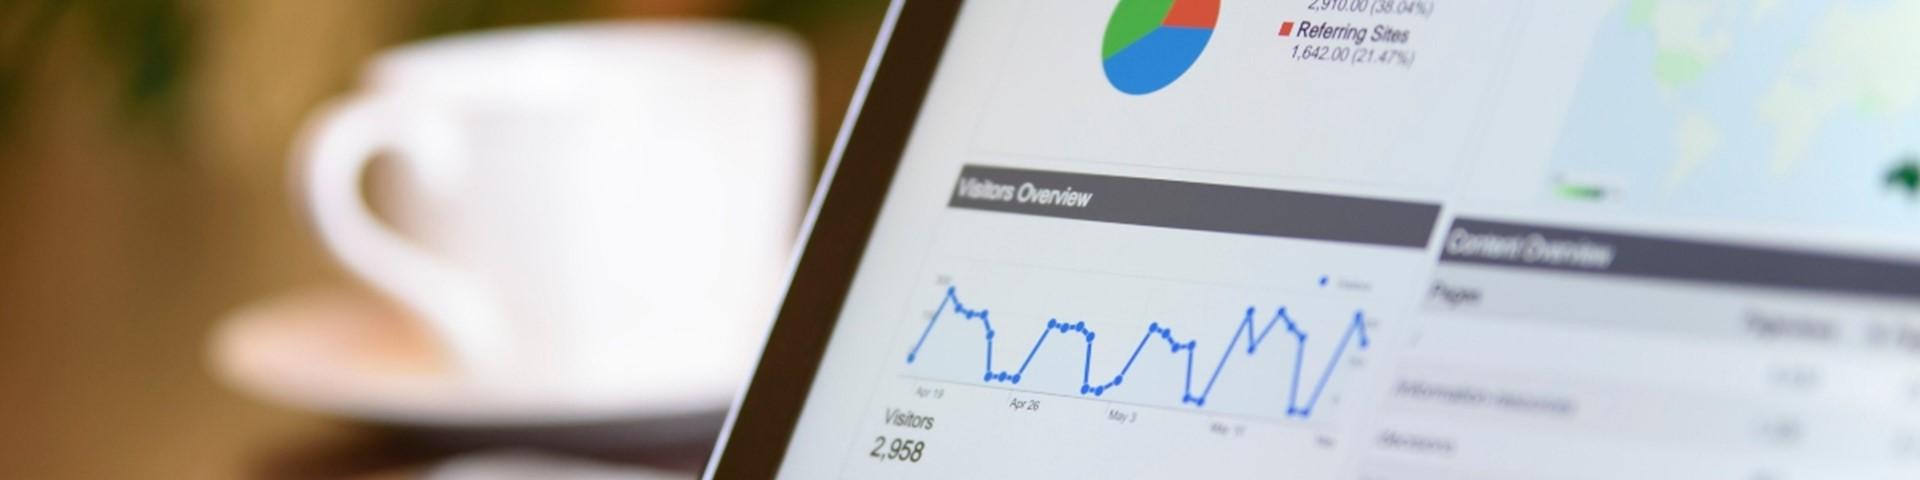 Como estabelecer métricas inteligentes de marketing de conteúdo8 min read